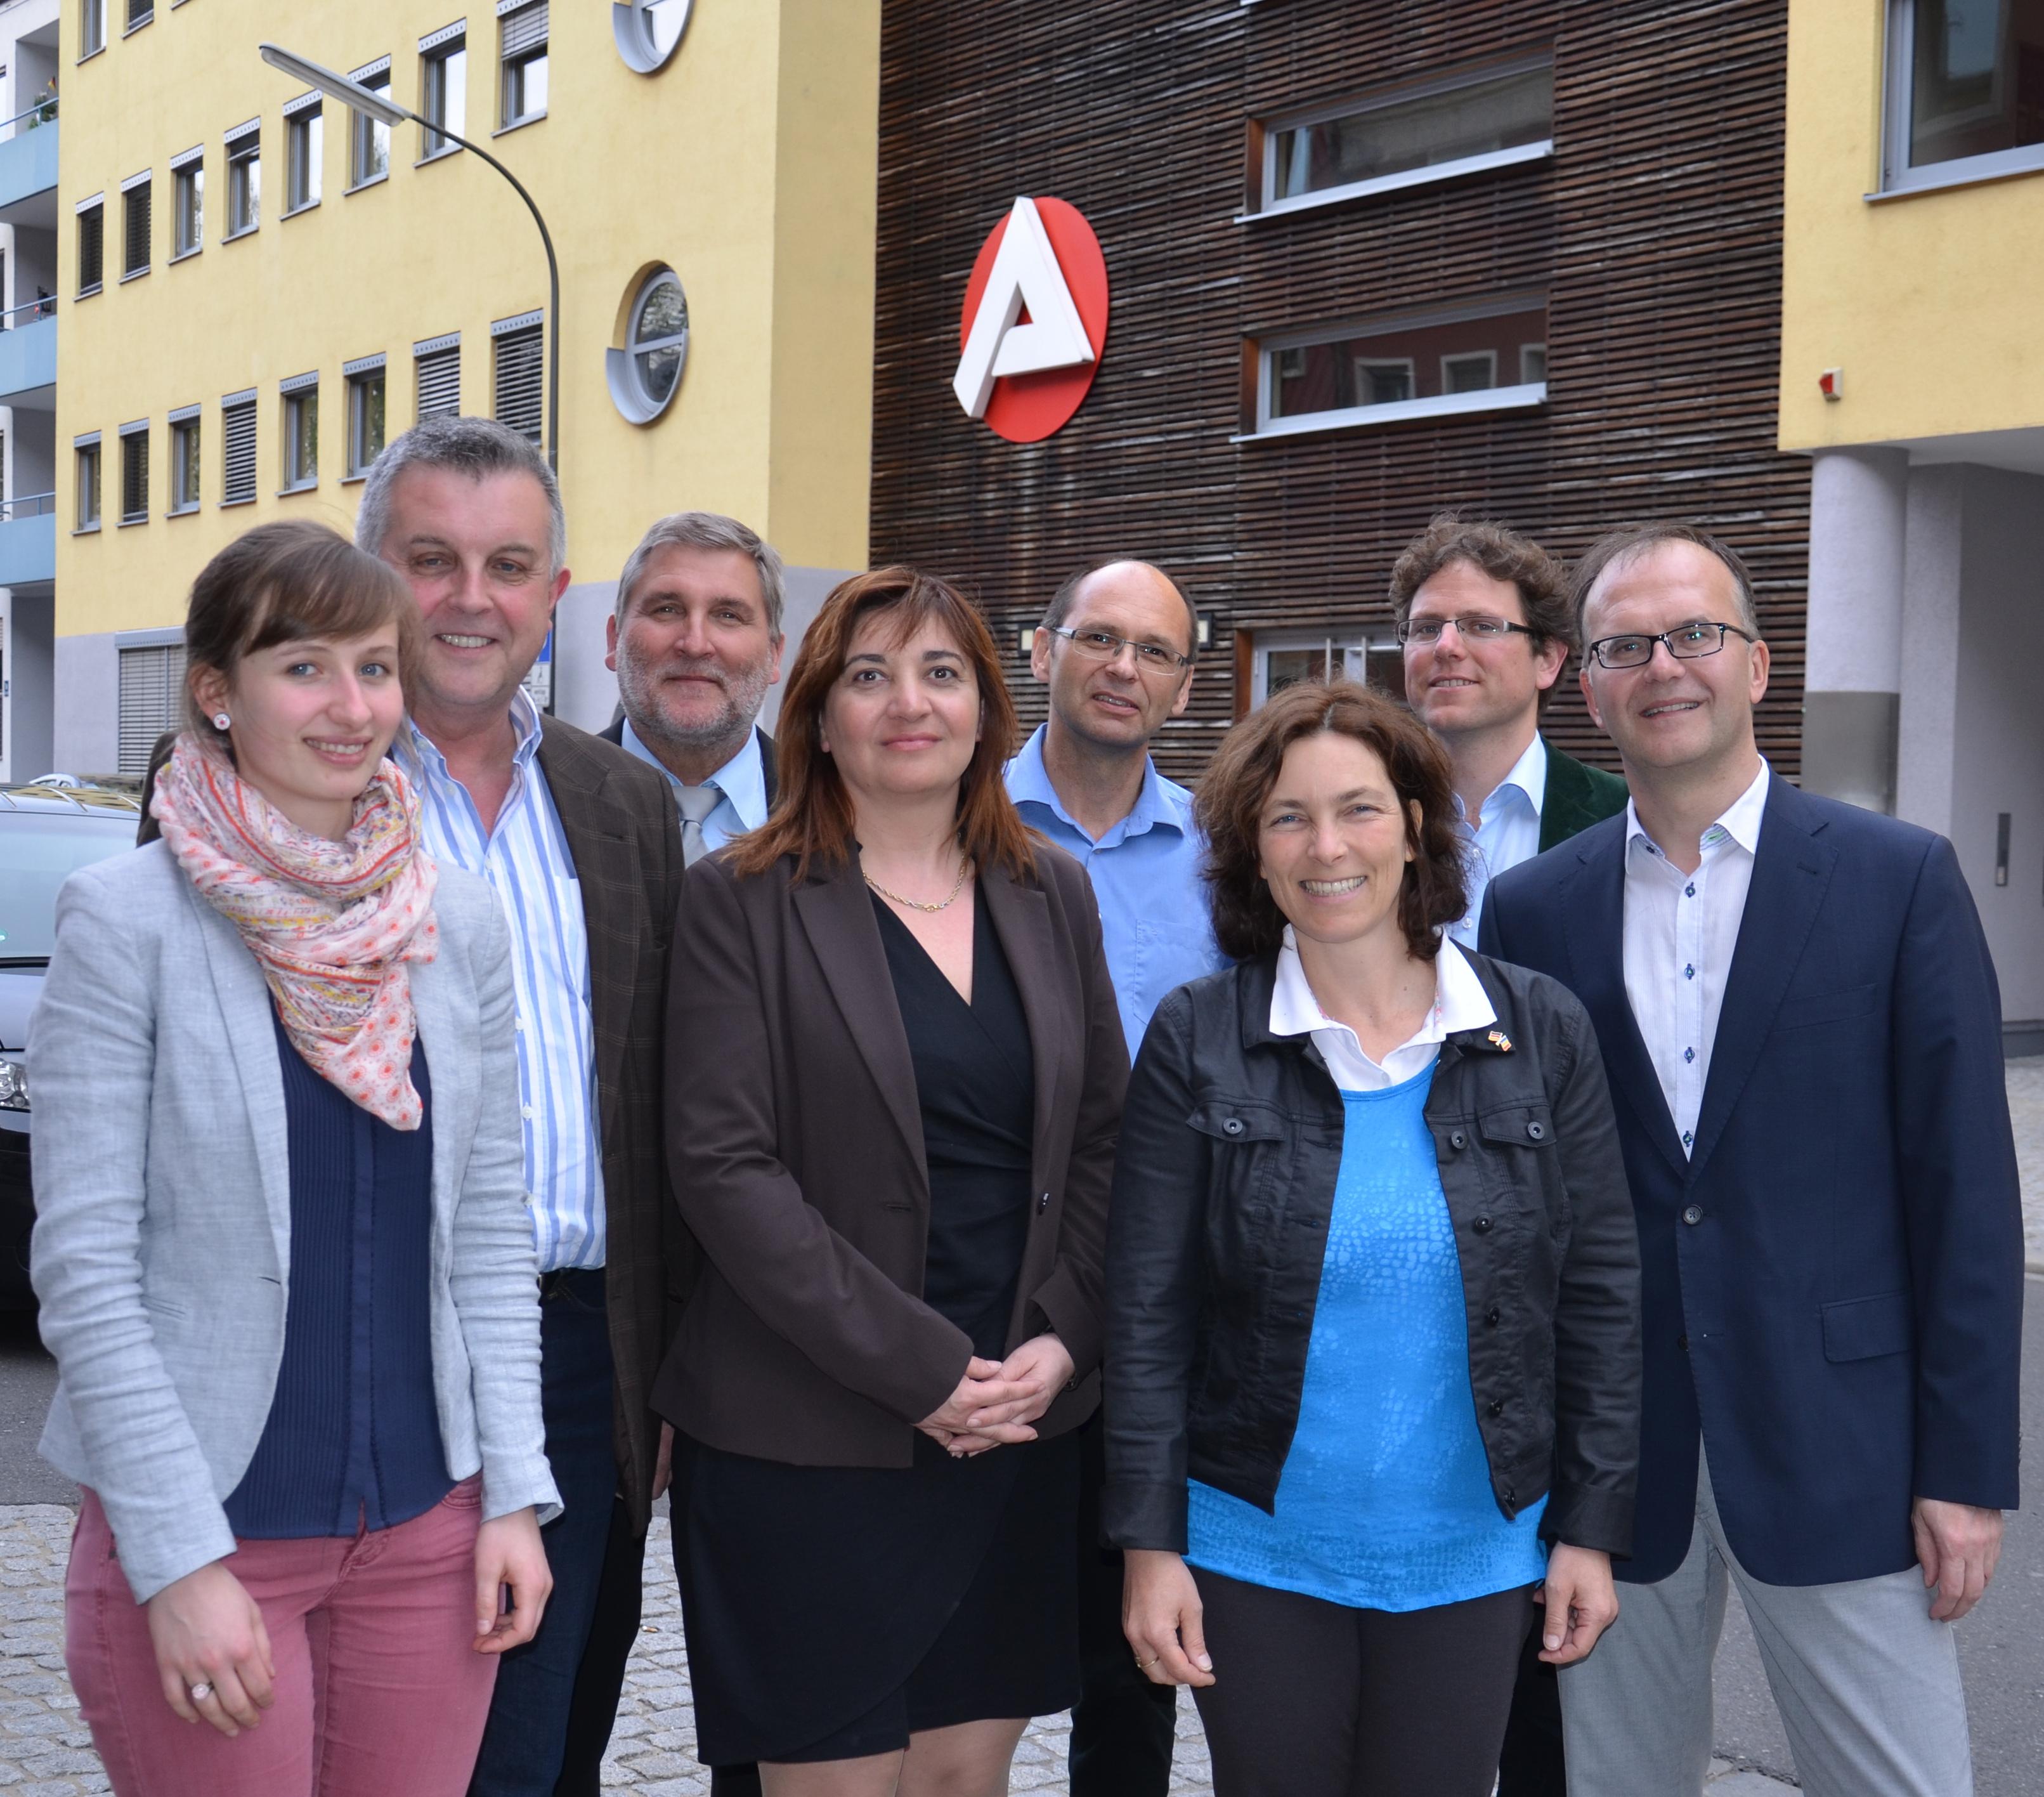 Kerstin Celina mit Ekin Deligöz, Eugen Hain und Richard Paul, Klaus Seebach, Rainer Radler und einigen Grünen während des Besuchs bei der Agentur für Arbeit.